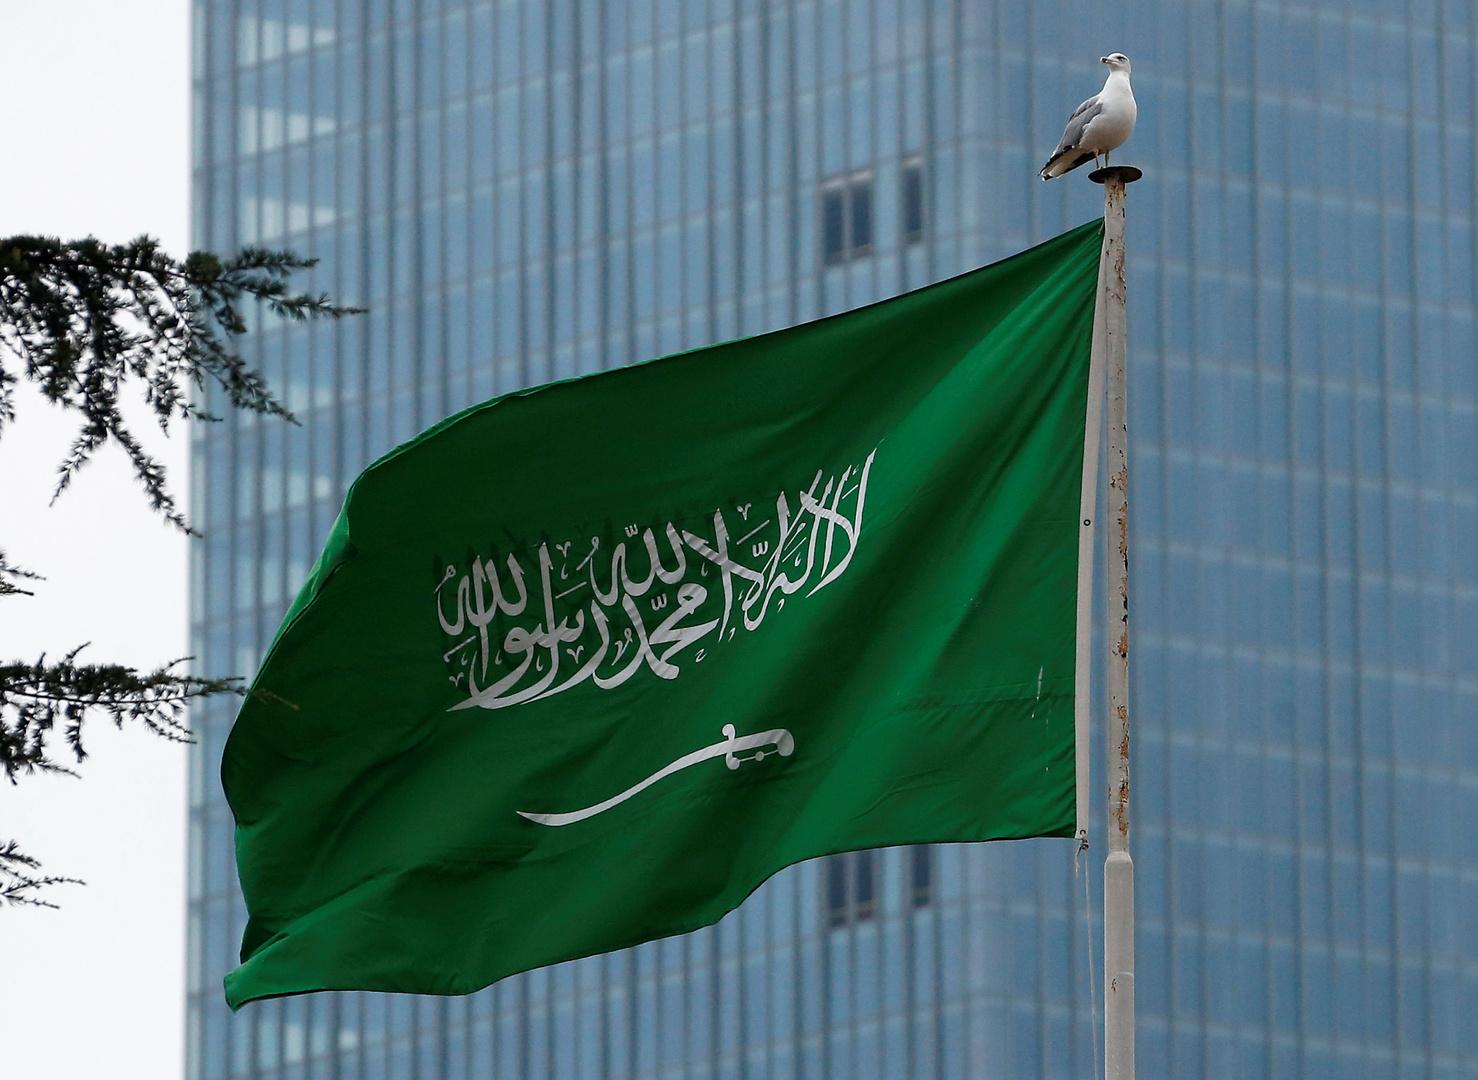 مسؤول سعودي: المملكة قدمت أكثر من 713 مليون دولار للمساهمة في مكافحة جائحة كورونا عالميا